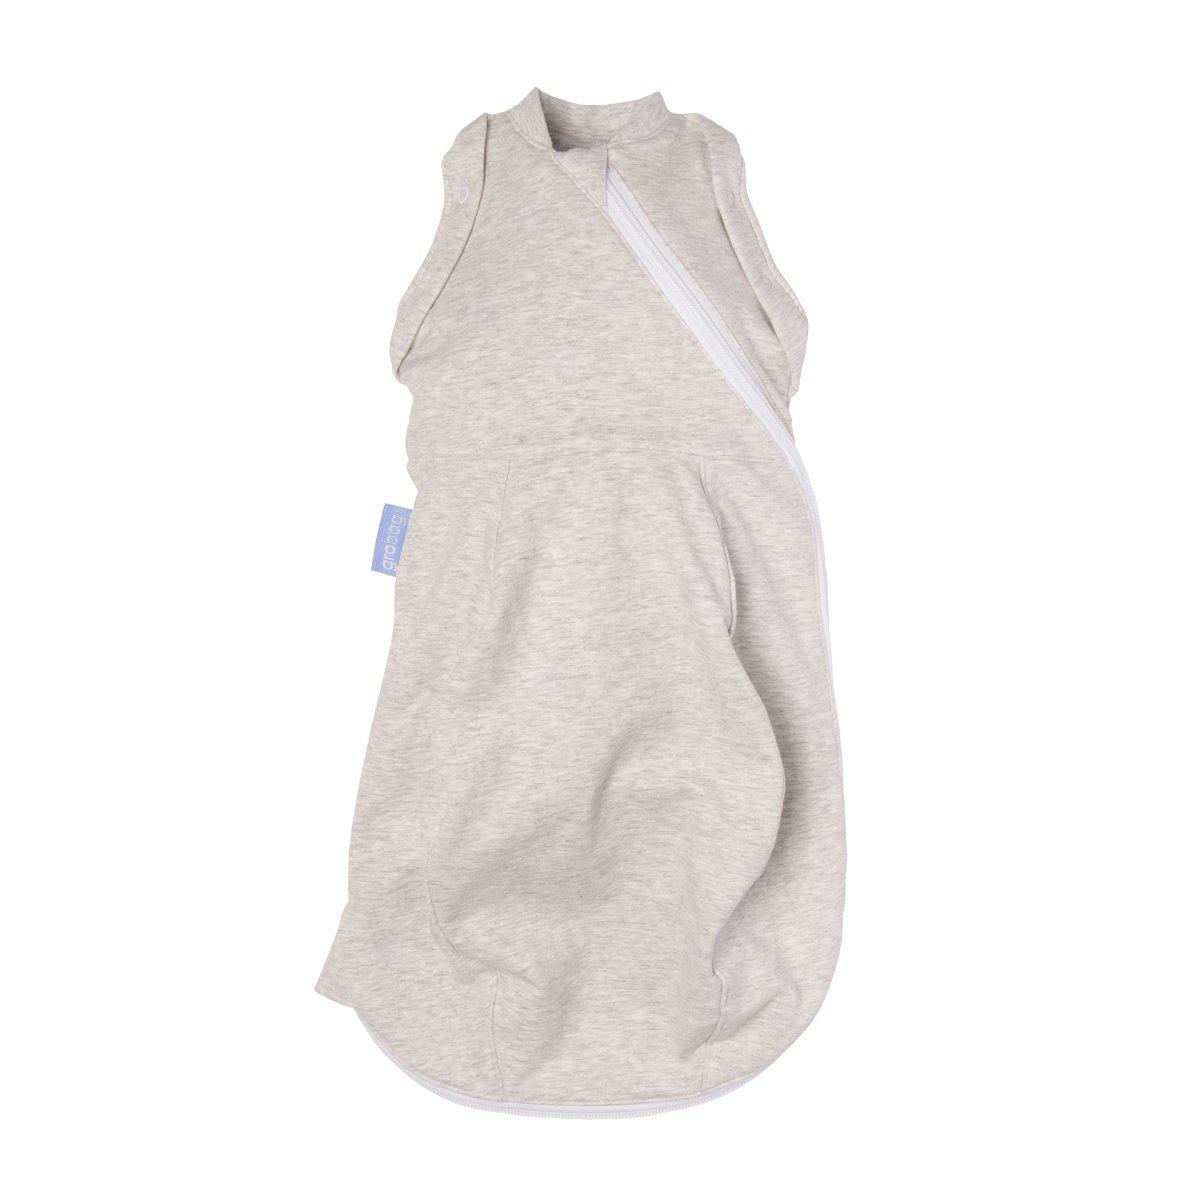 包裹睡袋 - 舒適版 - 灰色